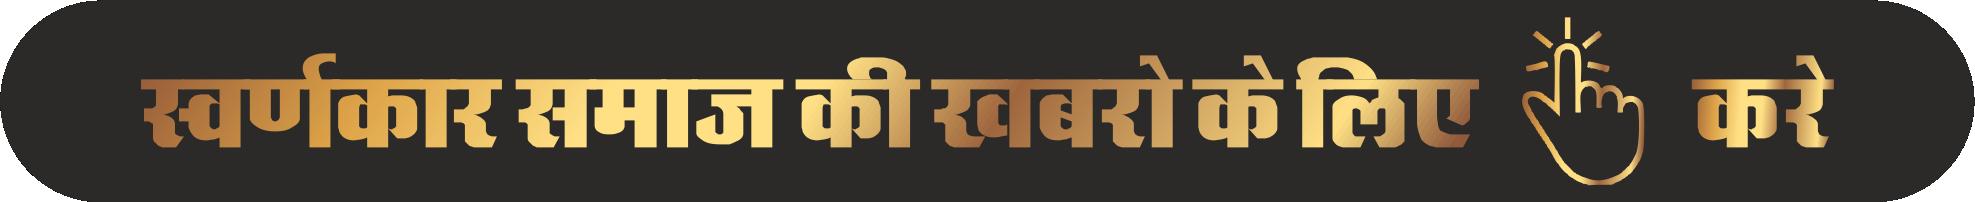 soni pariwar india